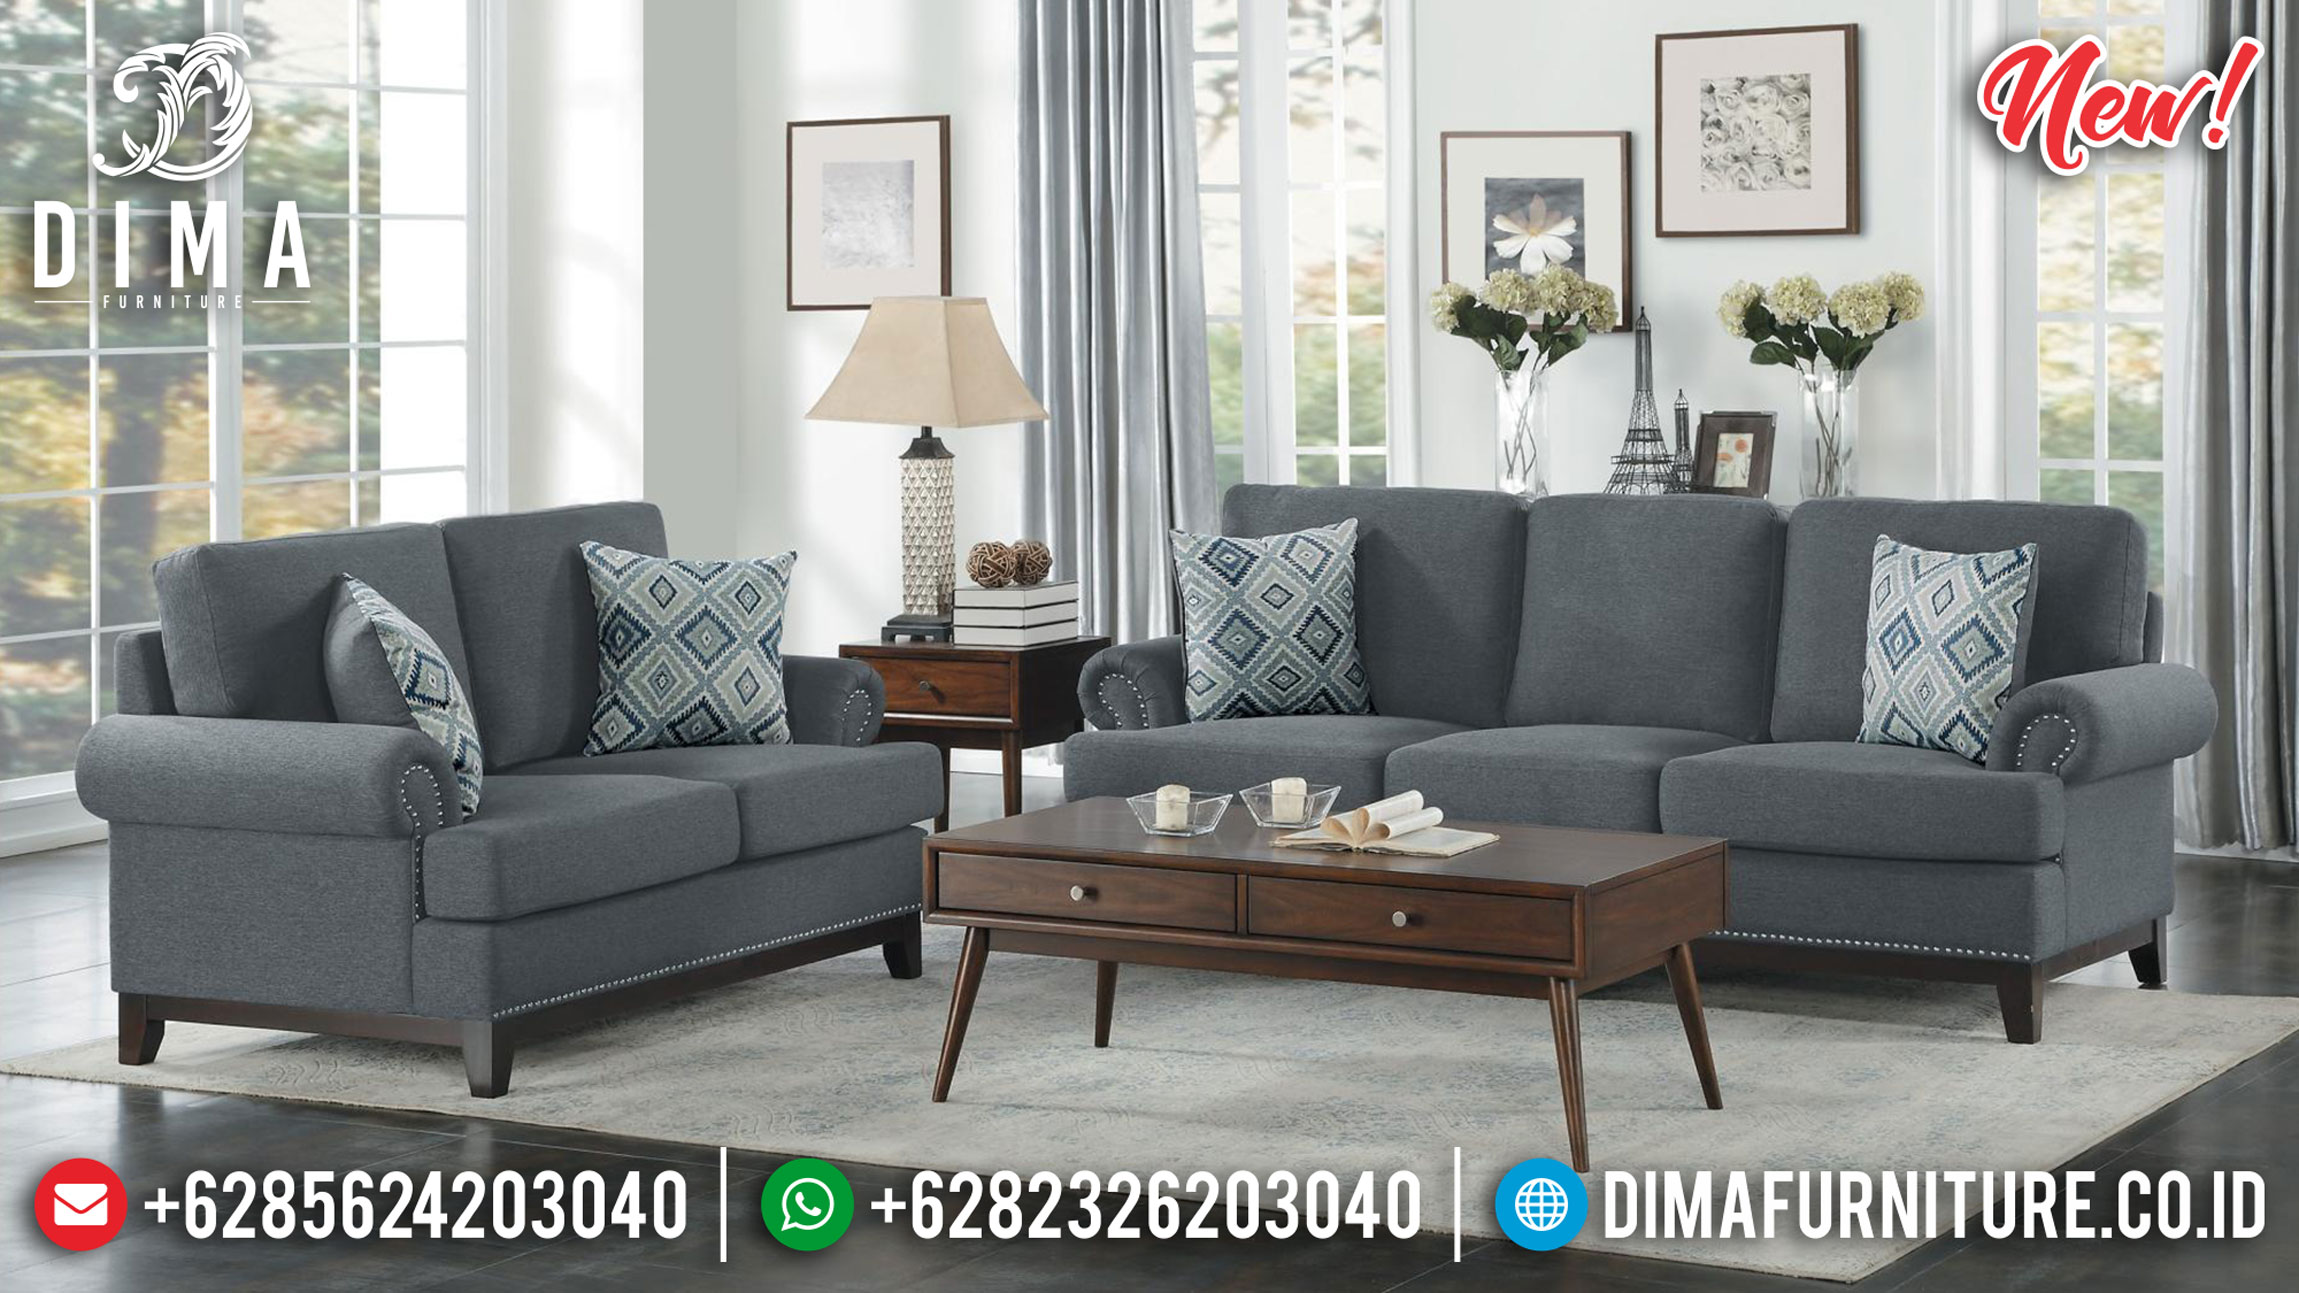 Kursi Sofa Tamu Minimalis Jepara Retro Sale 2020 DF-1364